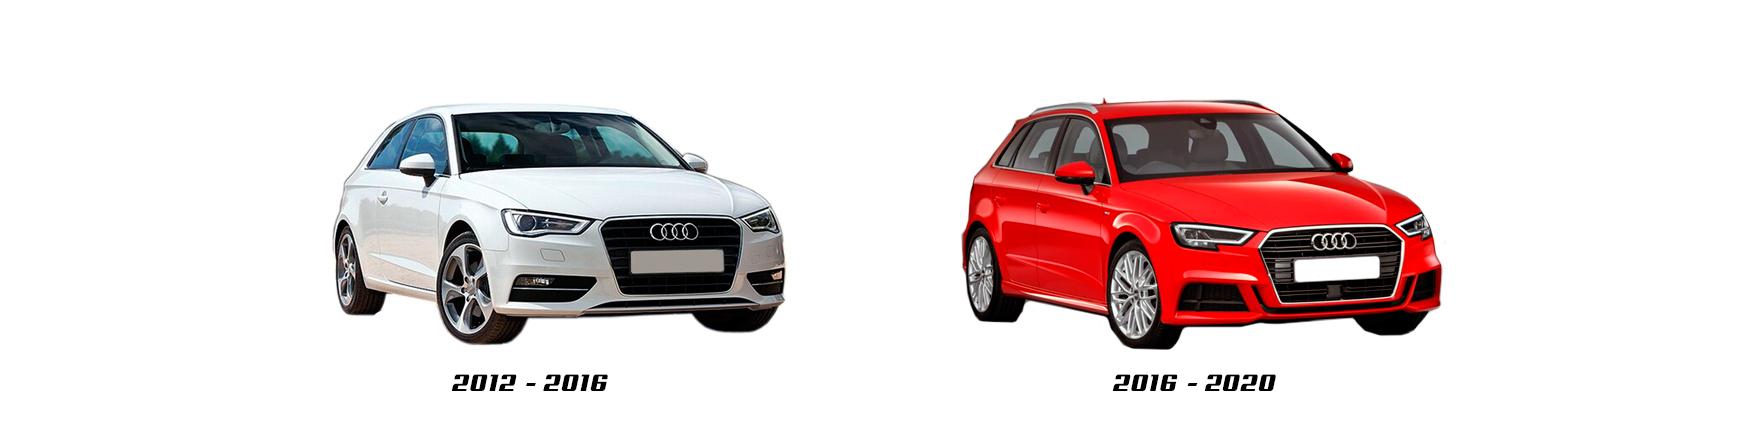 Audi A3 (8V) de 2012, 2013, 2014, 2015, 2016. Repuestos de coche.